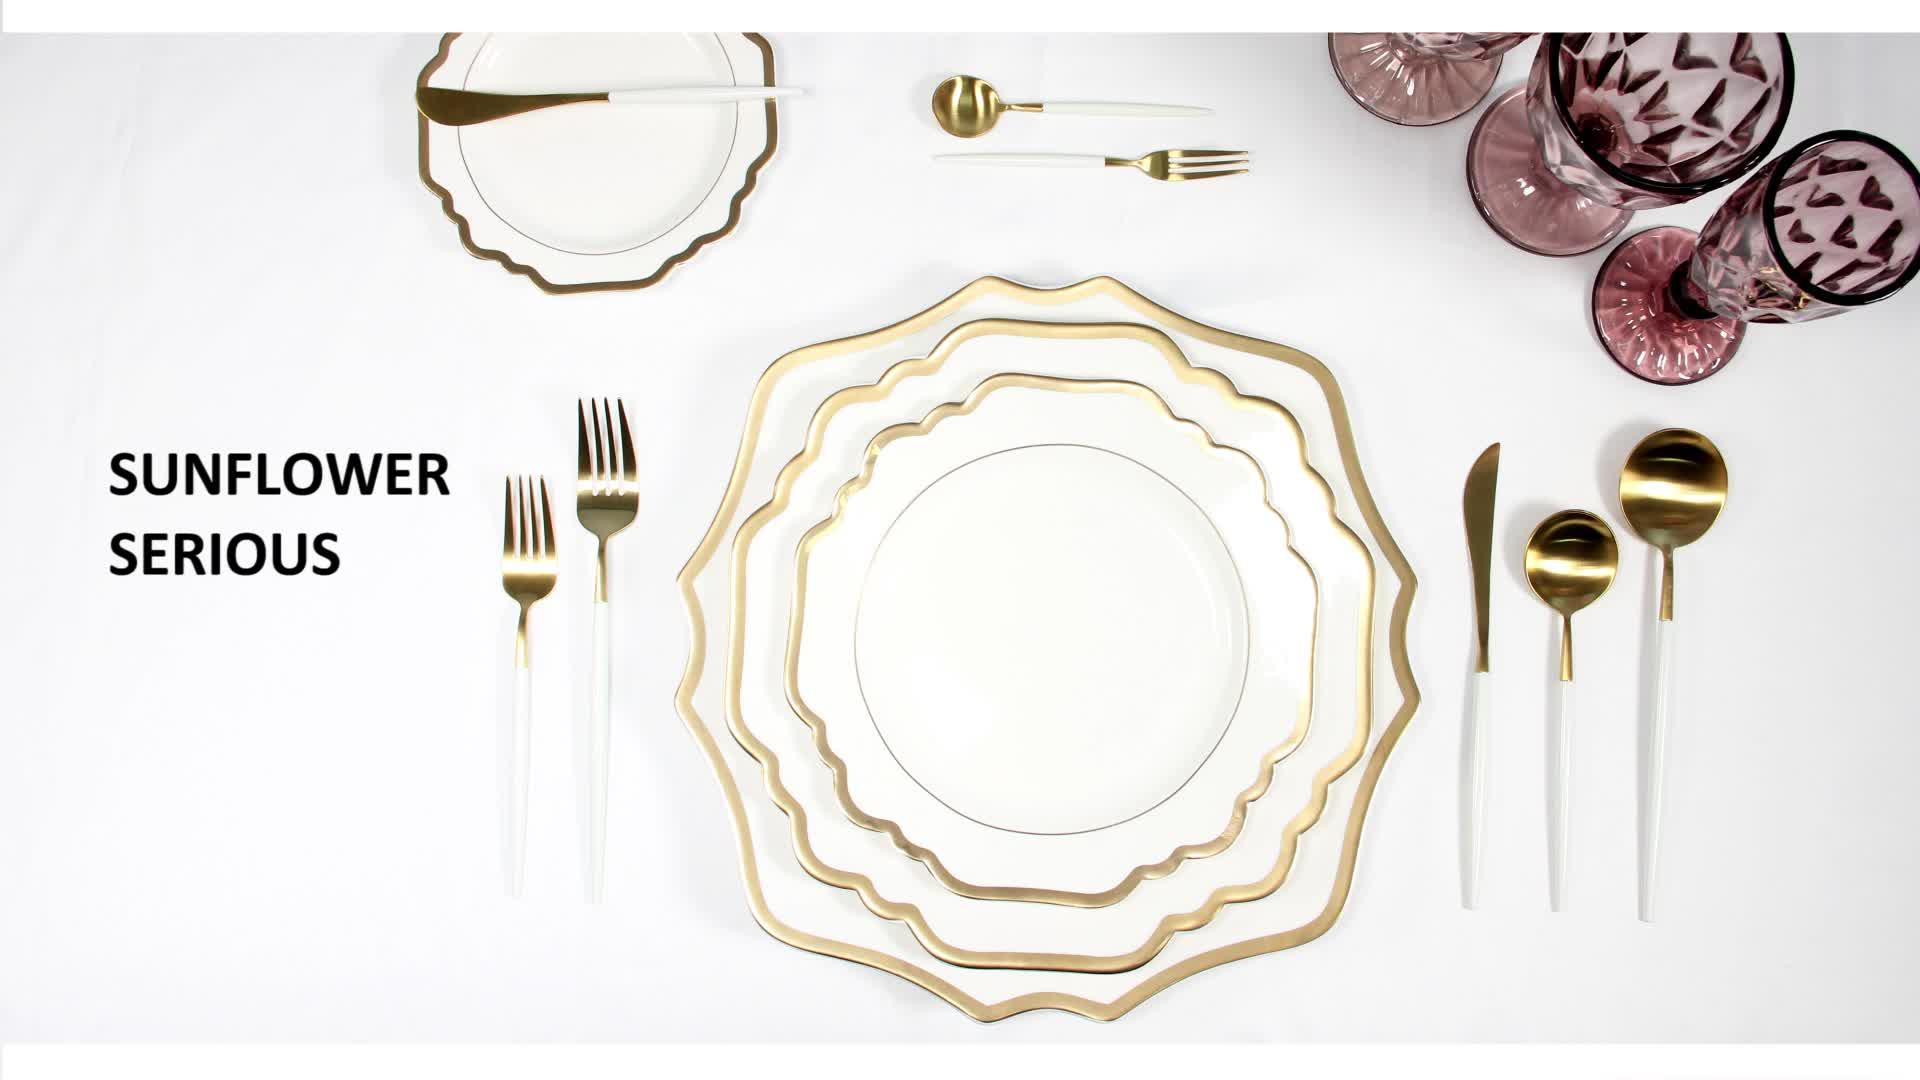 Conjuntos de placas de jantar de porcelana italiana de louça, conjuntos de placas de jantar em relevo de cerâmica do mercado da arábia saudita